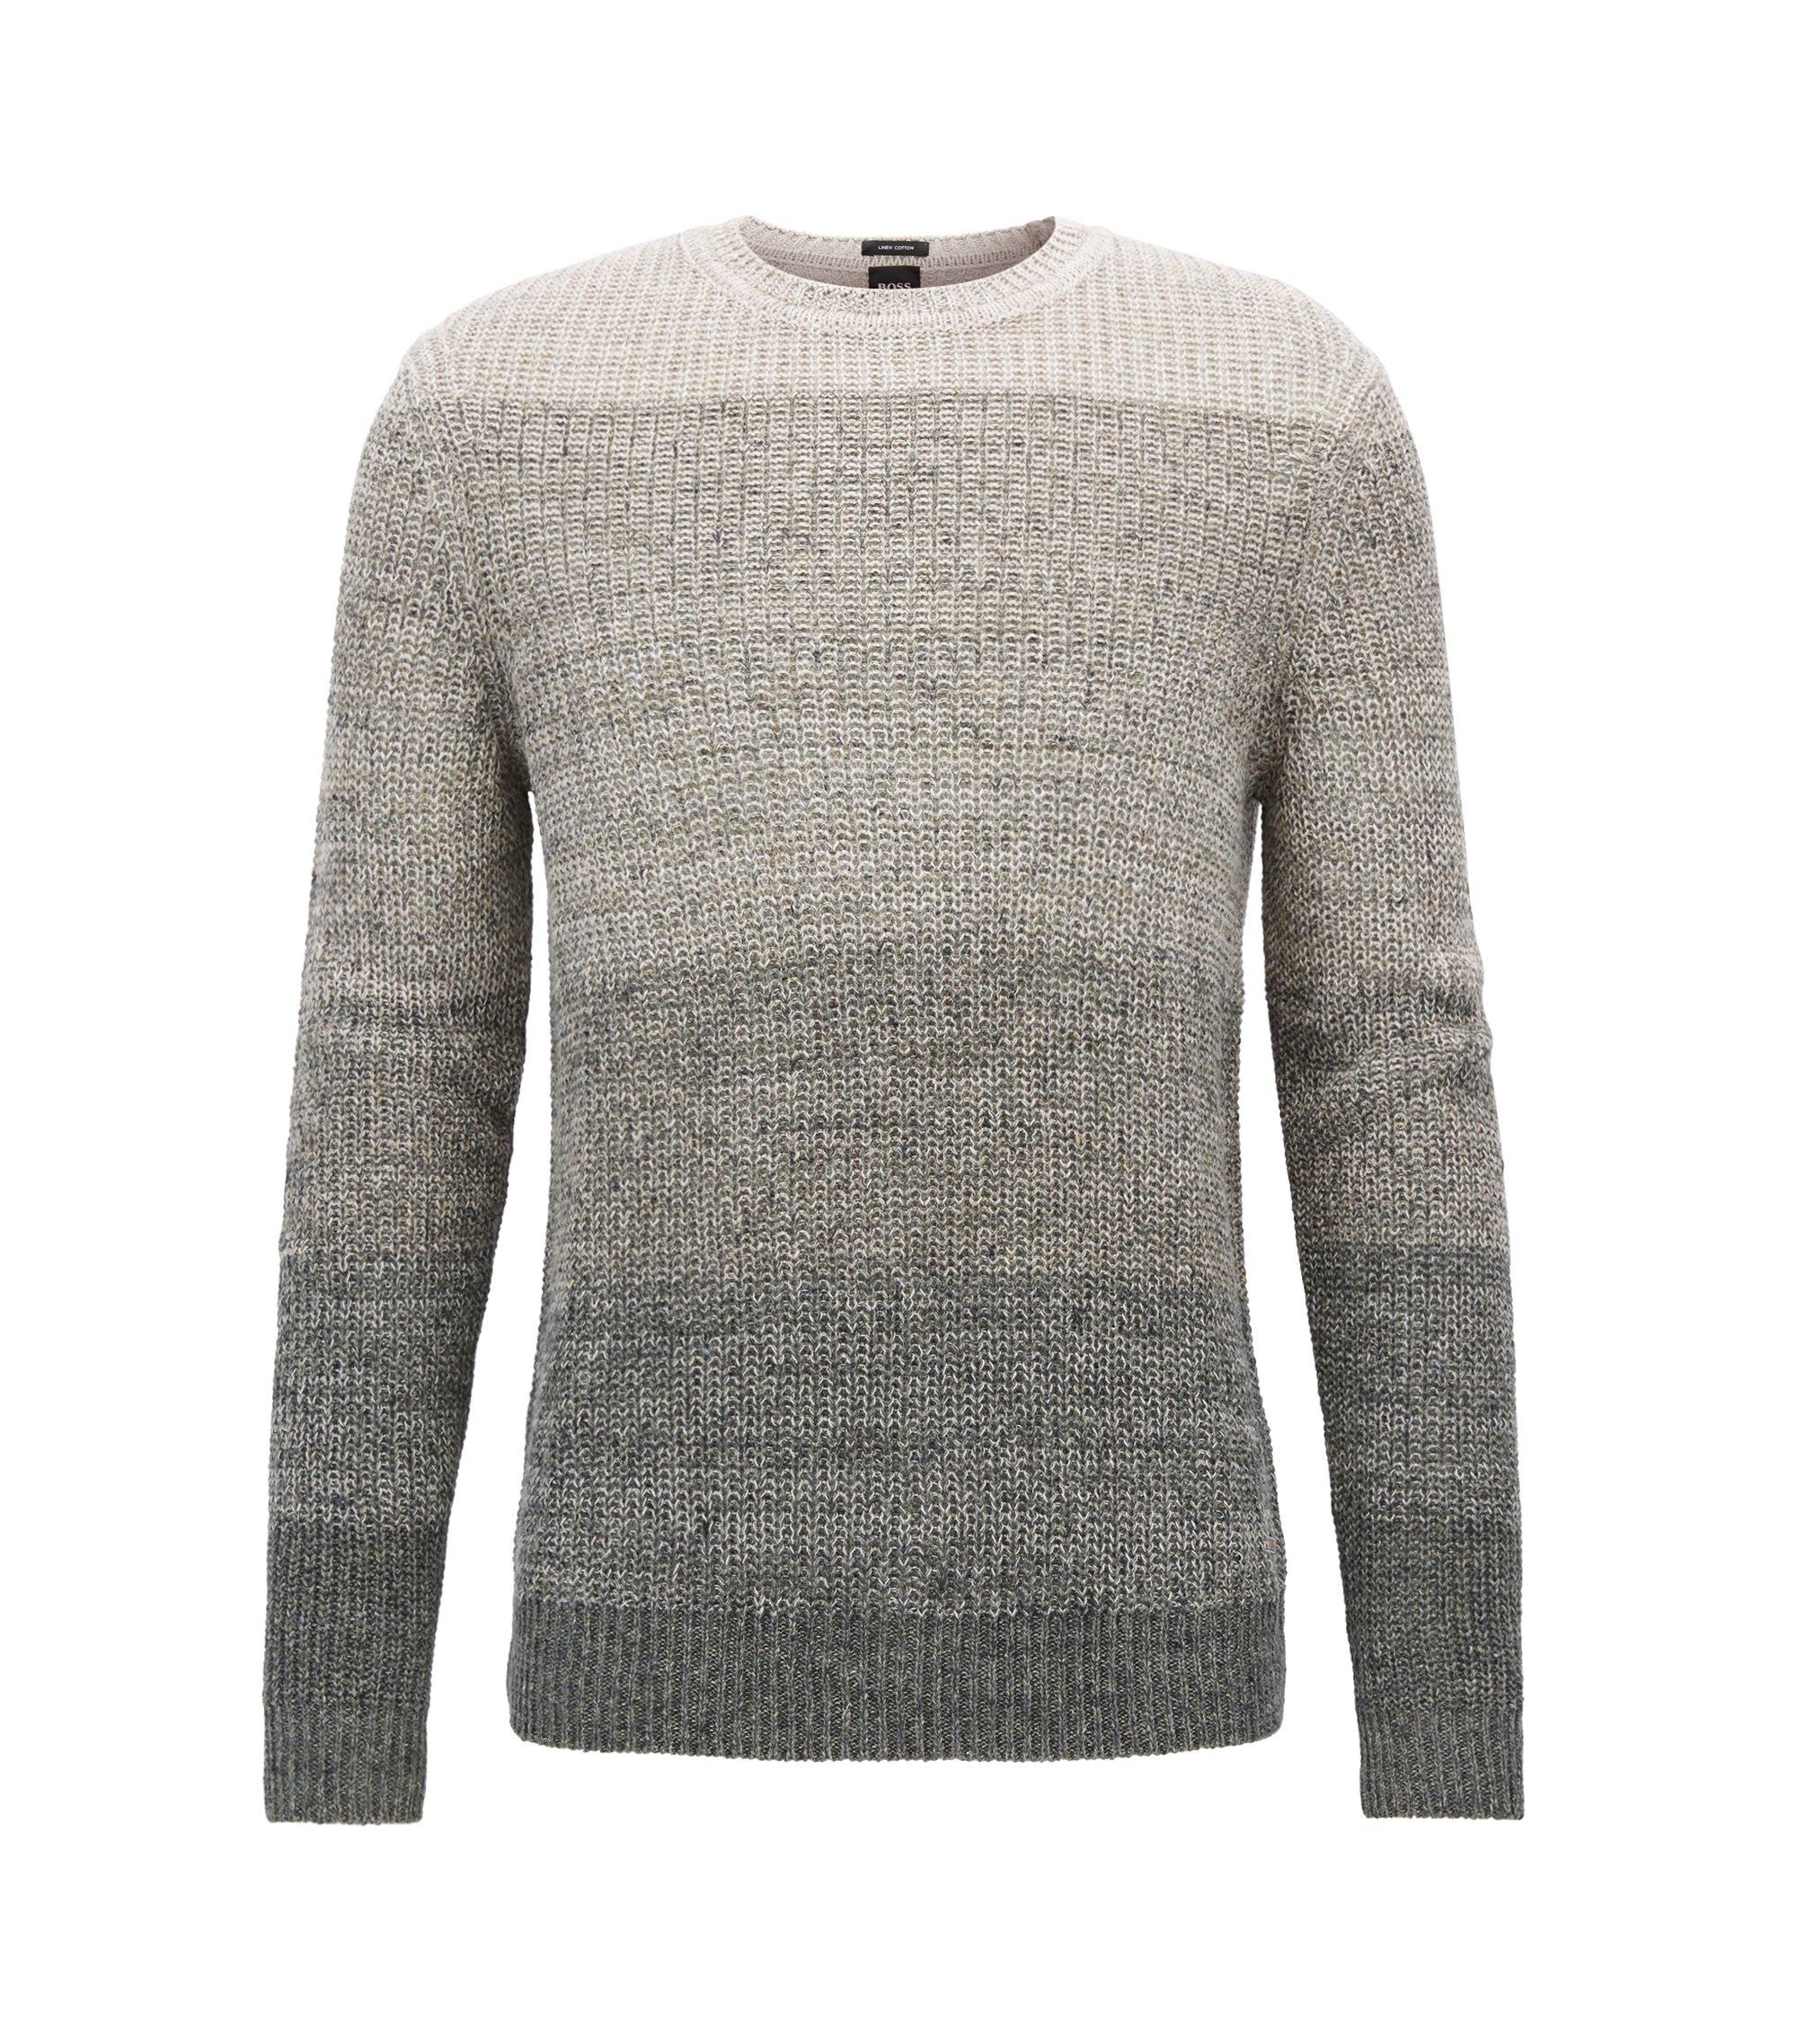 Pullover aus Leinen-Mix mit Baumwolle mit Perlfang-Struktur, Dunkelgrün